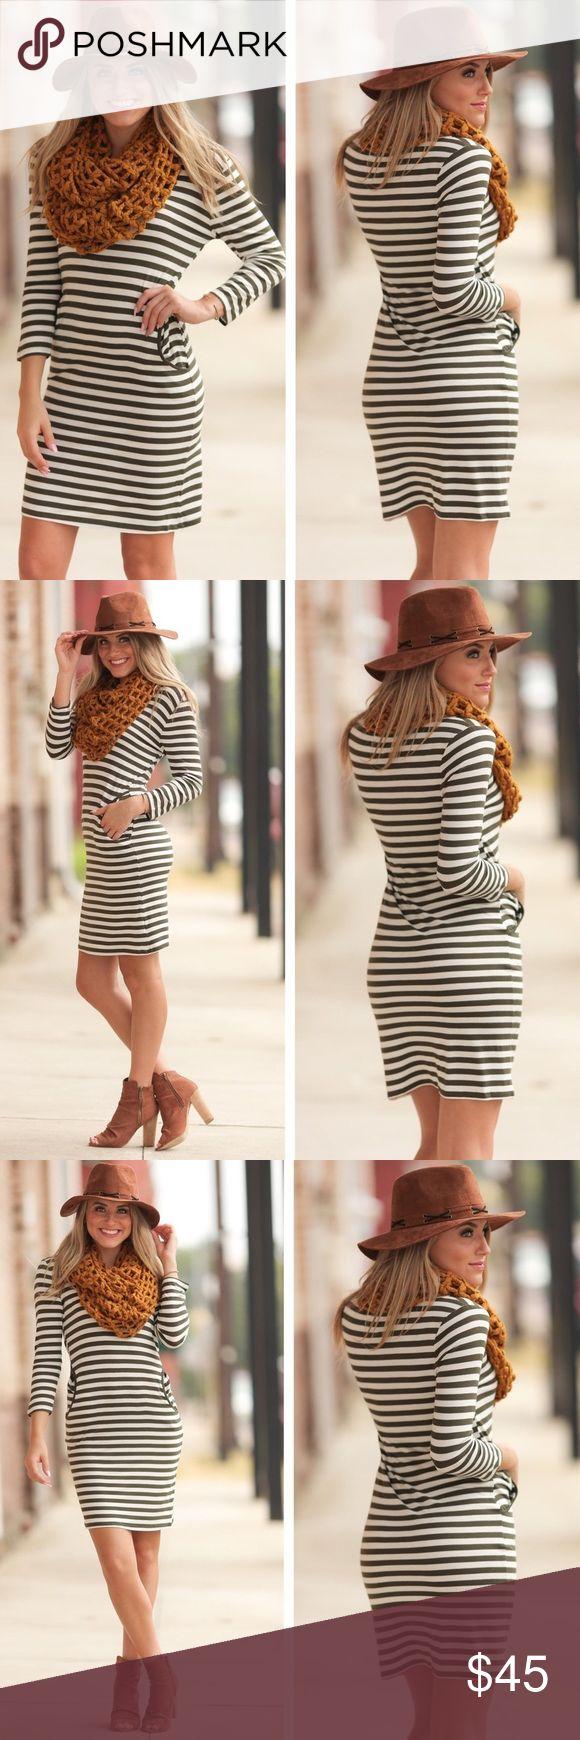 """Olive Striped Bodycon Dress w Pockets! Sizes S,M,L Olive Striped Bodycon Dress w Pockets! Sizes S,M,L  BUST: S-17"""", M-18"""", L-19"""" LENGTH: S-35"""", M-36"""", L-37""""  Who doesn't love a dress with pockets?! :) Infinity Raine Dresses"""